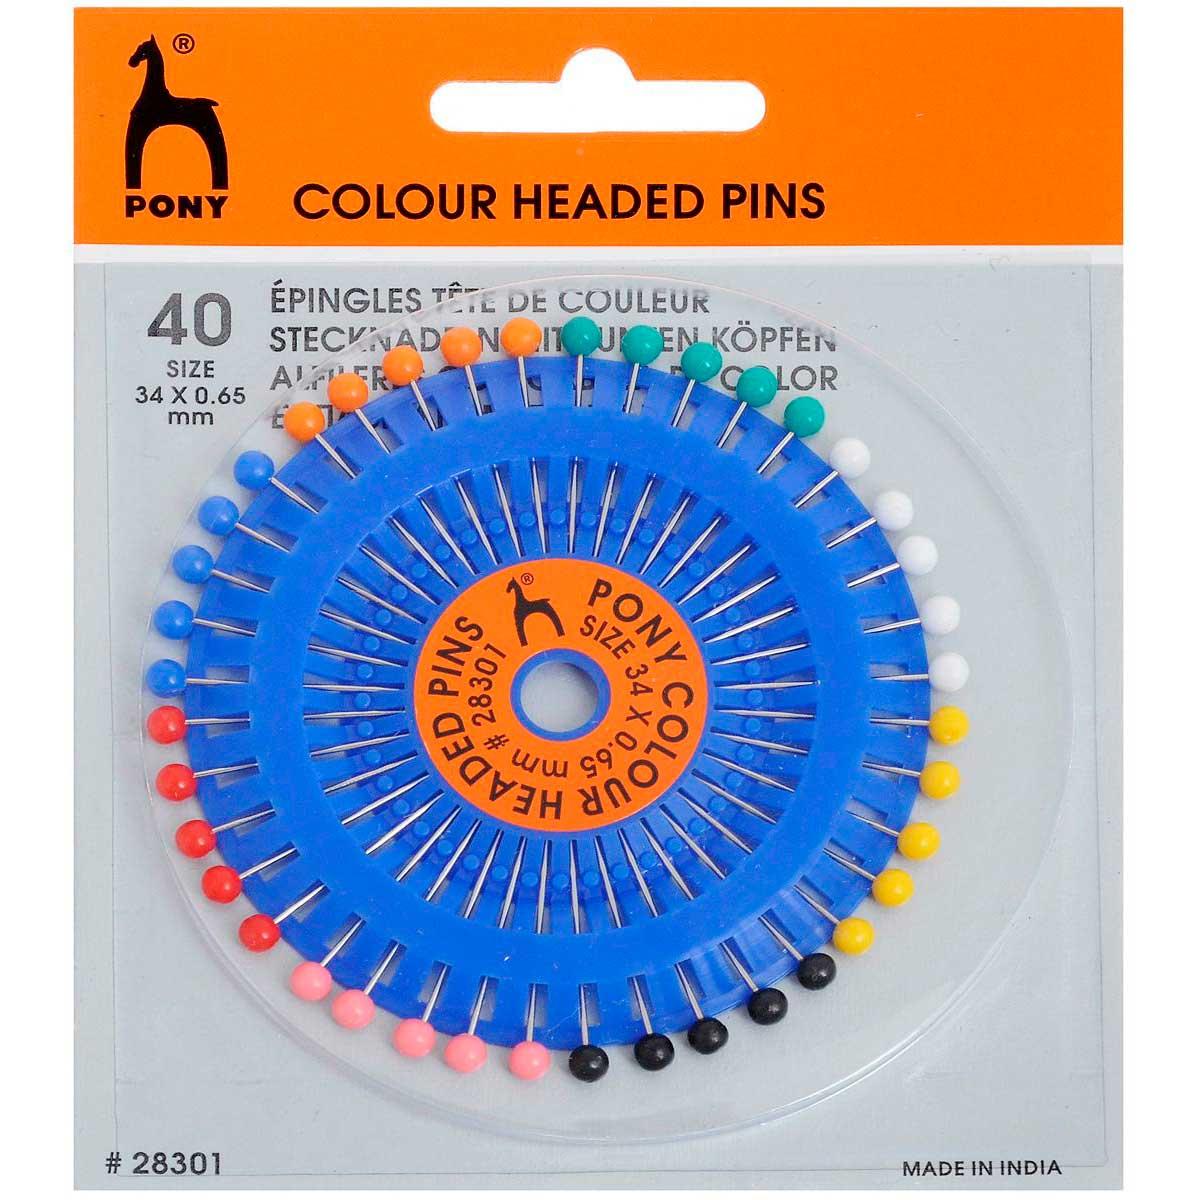 28301 Булавки наметочные цветная головка 0,65 мм/ 34 мм, сталь/пластик, 40 шт PONY